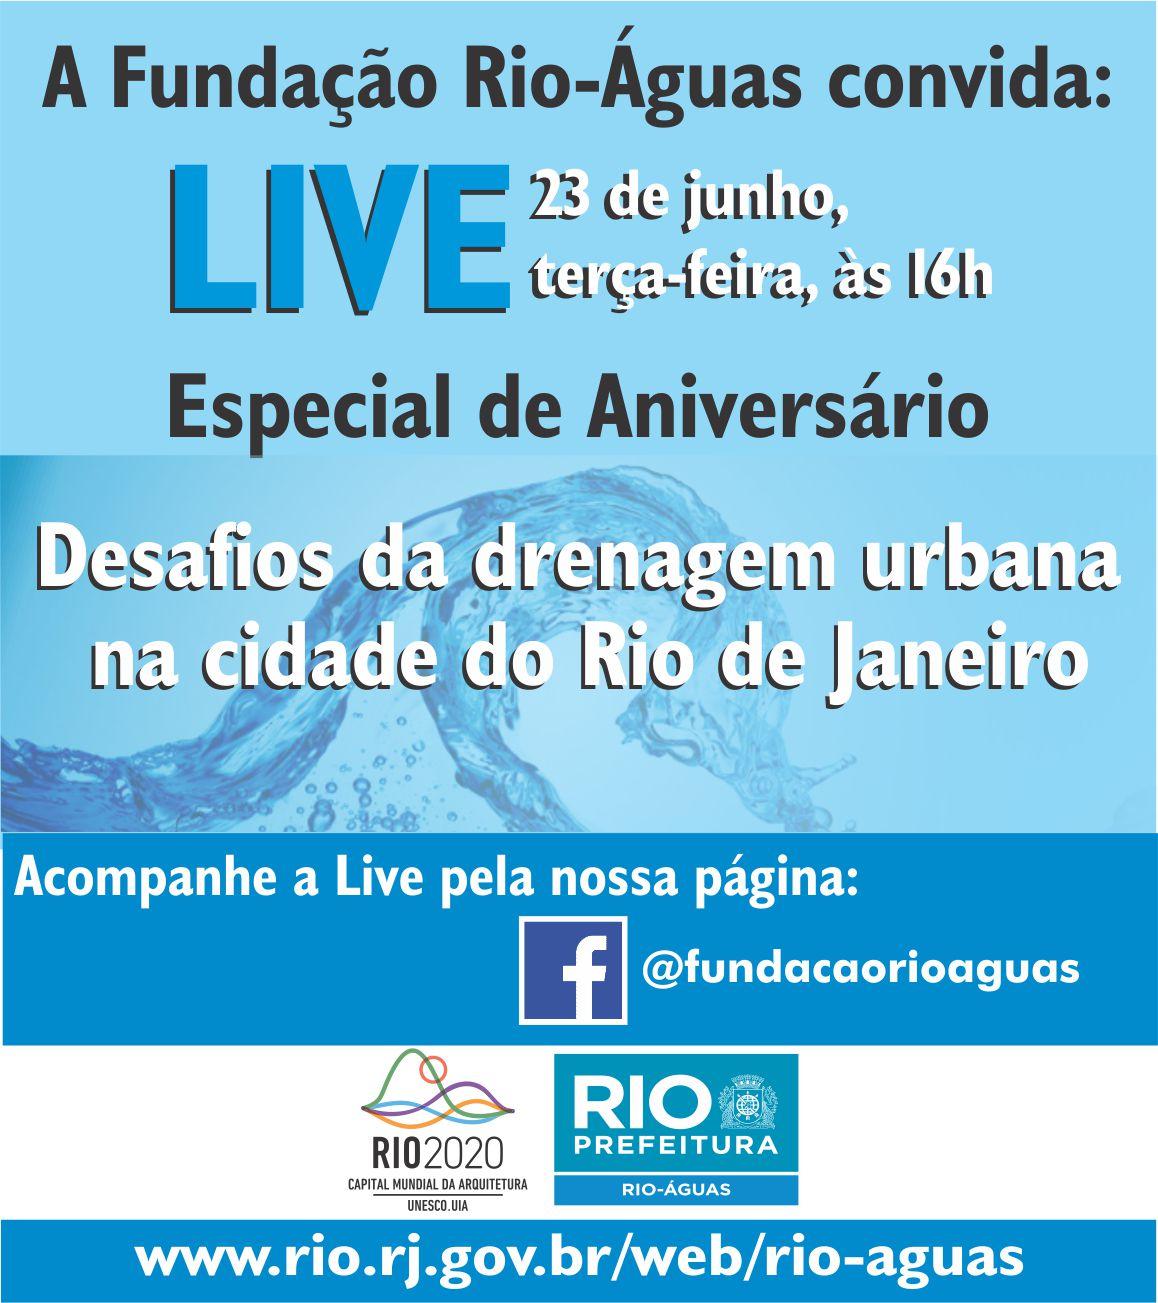 Rio-Águas promove live de aniversário com especialistas na próxima terça